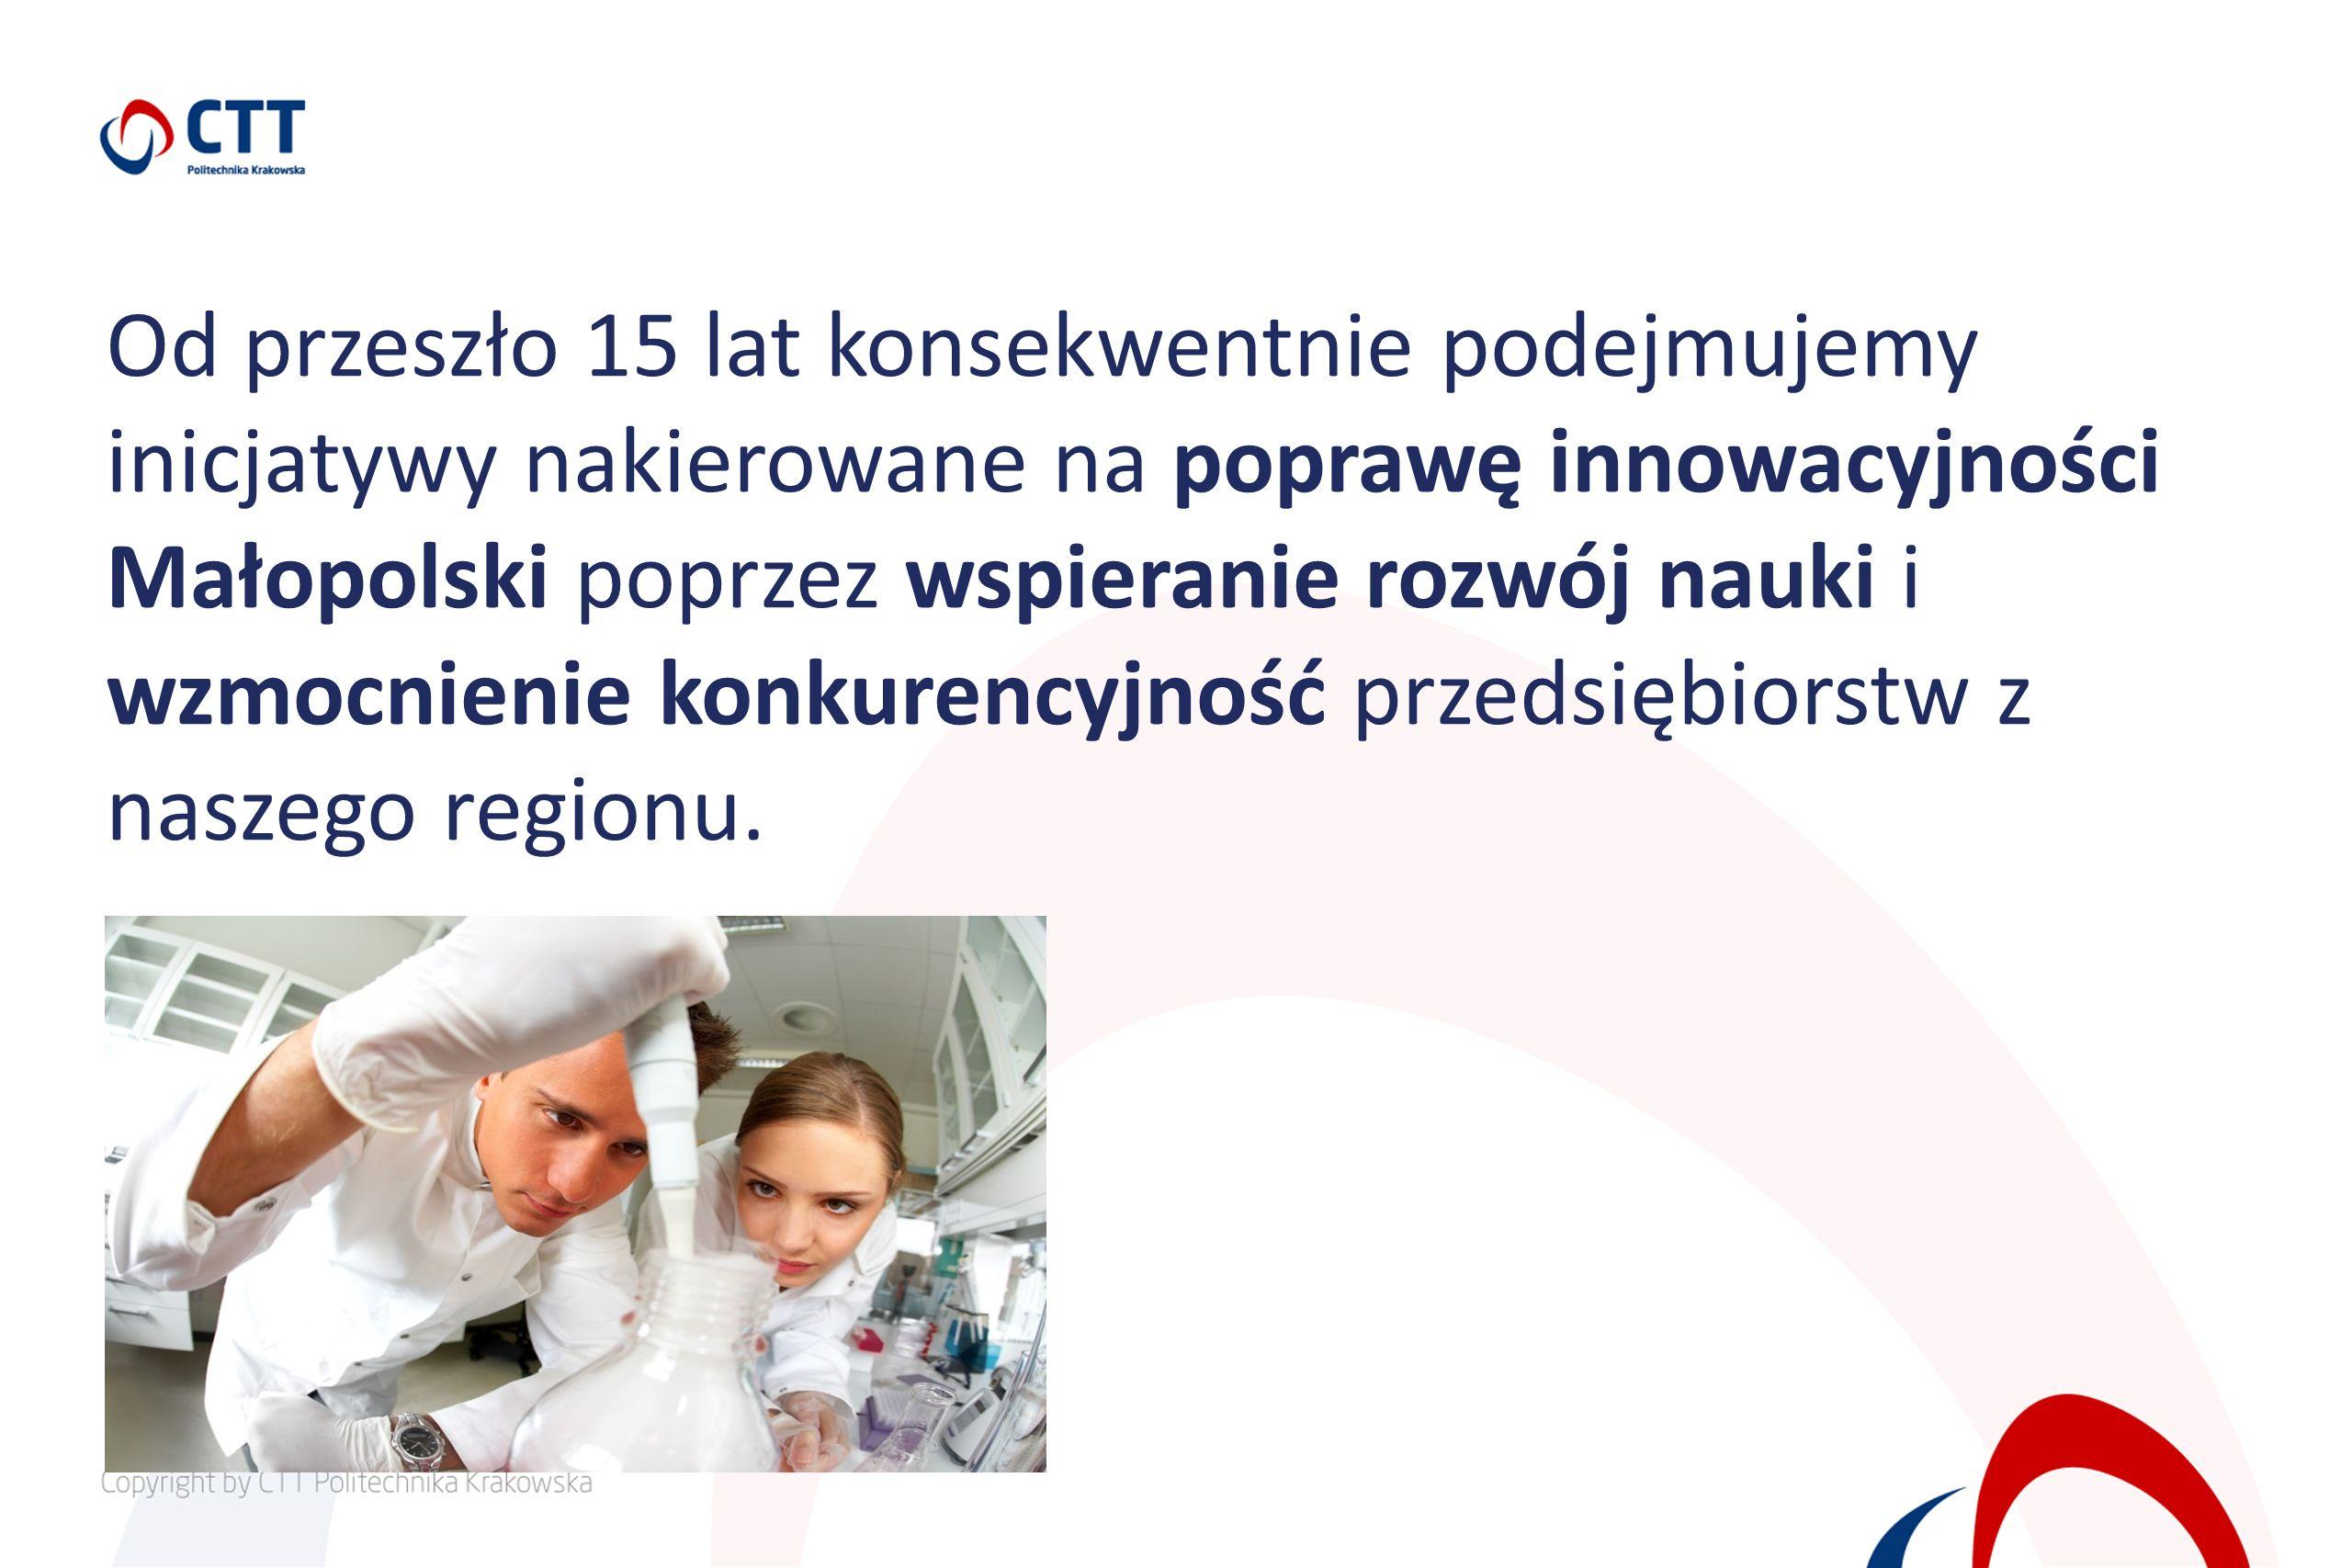 Od przeszło 15 lat konsekwentnie podejmujemy inicjatywy nakierowane na poprawę innowacyjności Małopolski poprzez wspieranie rozwój nauki i wzmocnienie